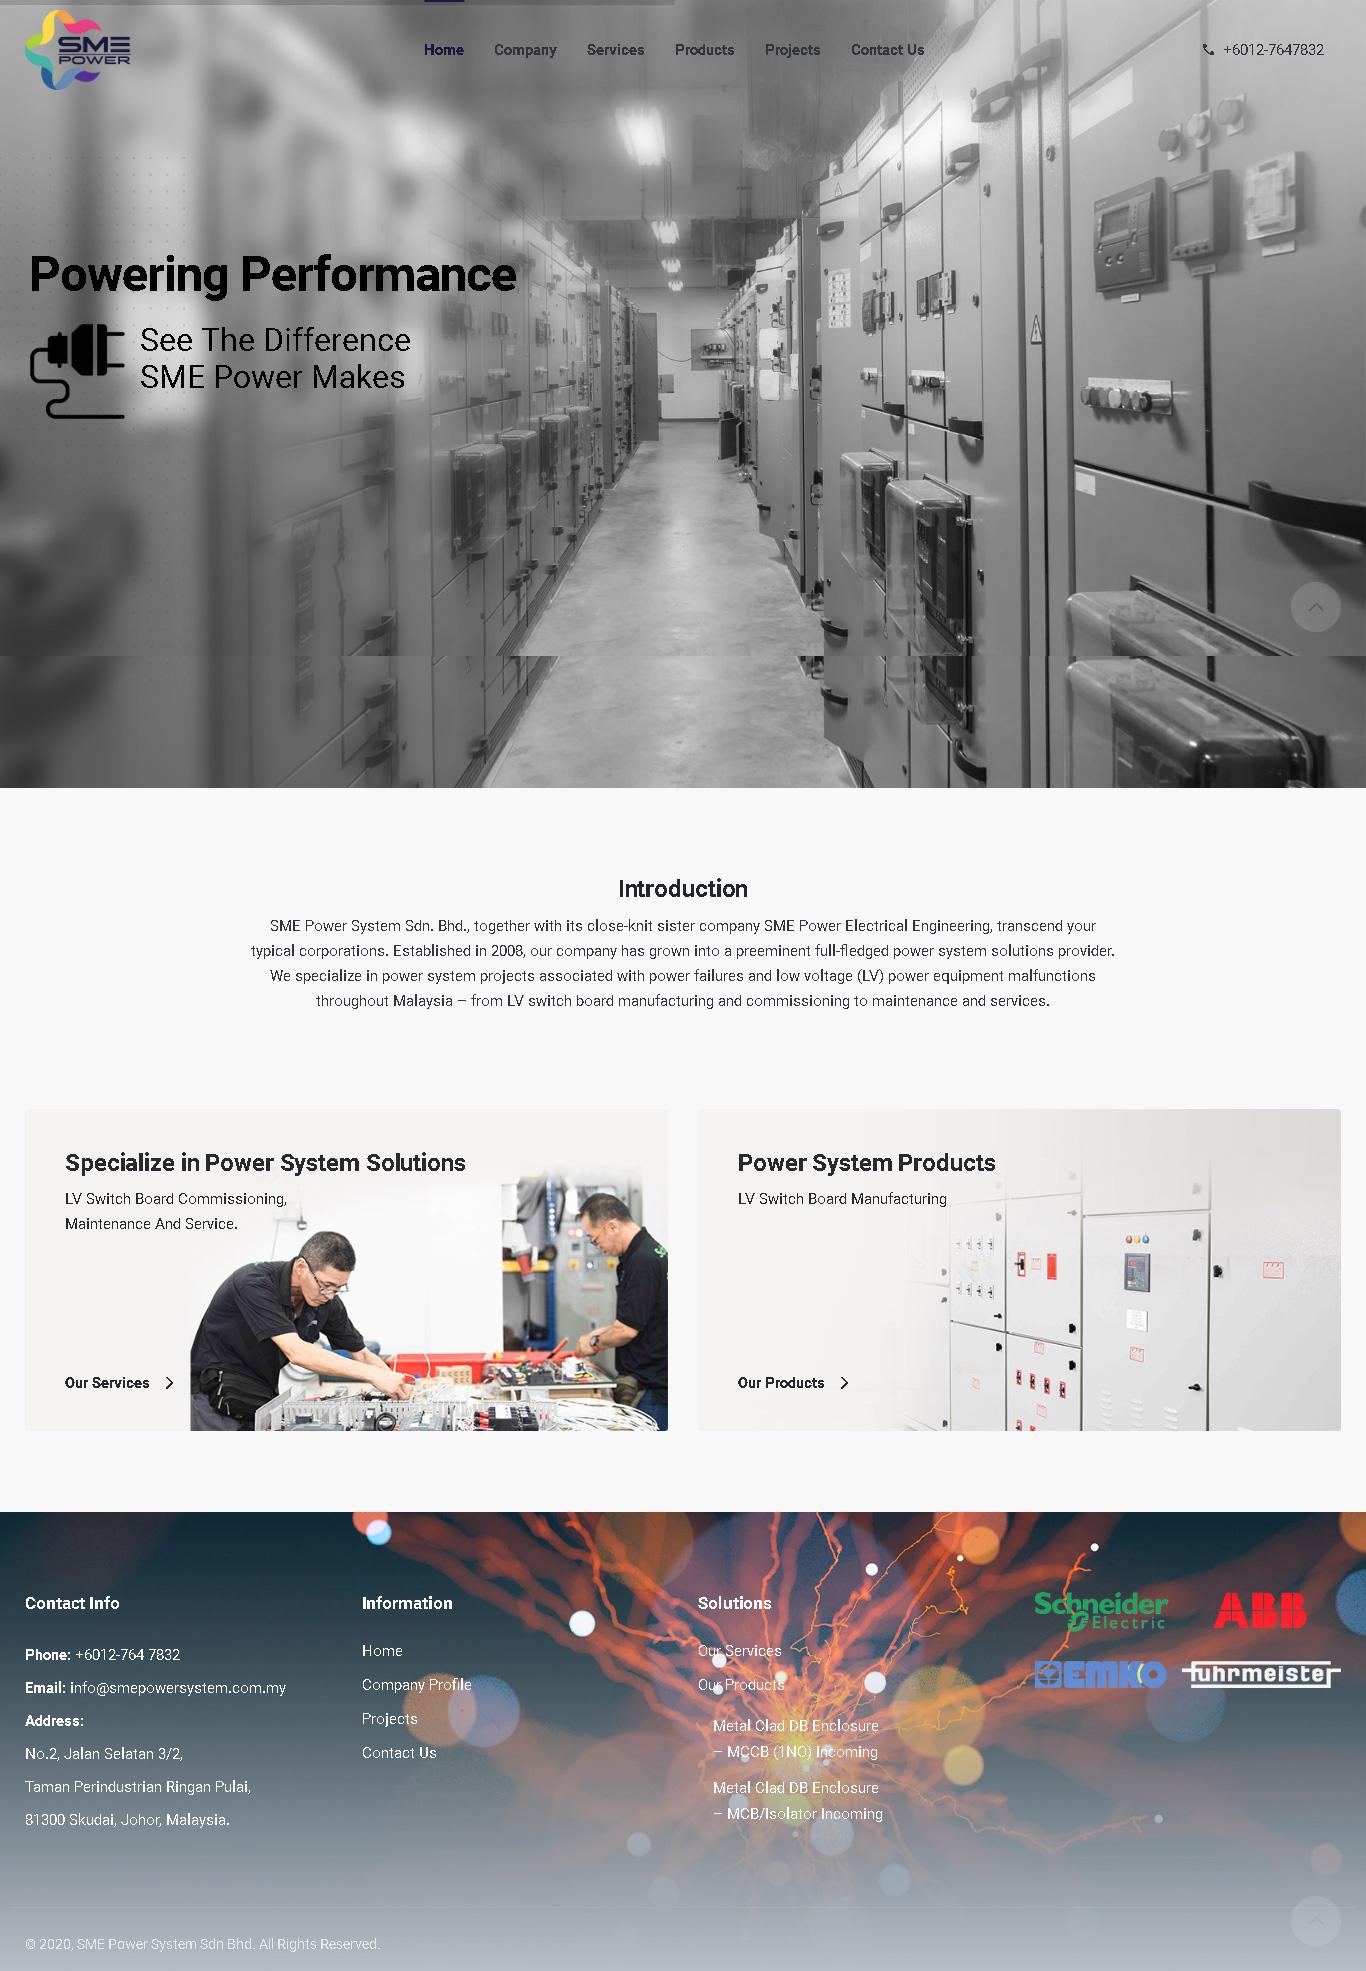 SME Power System